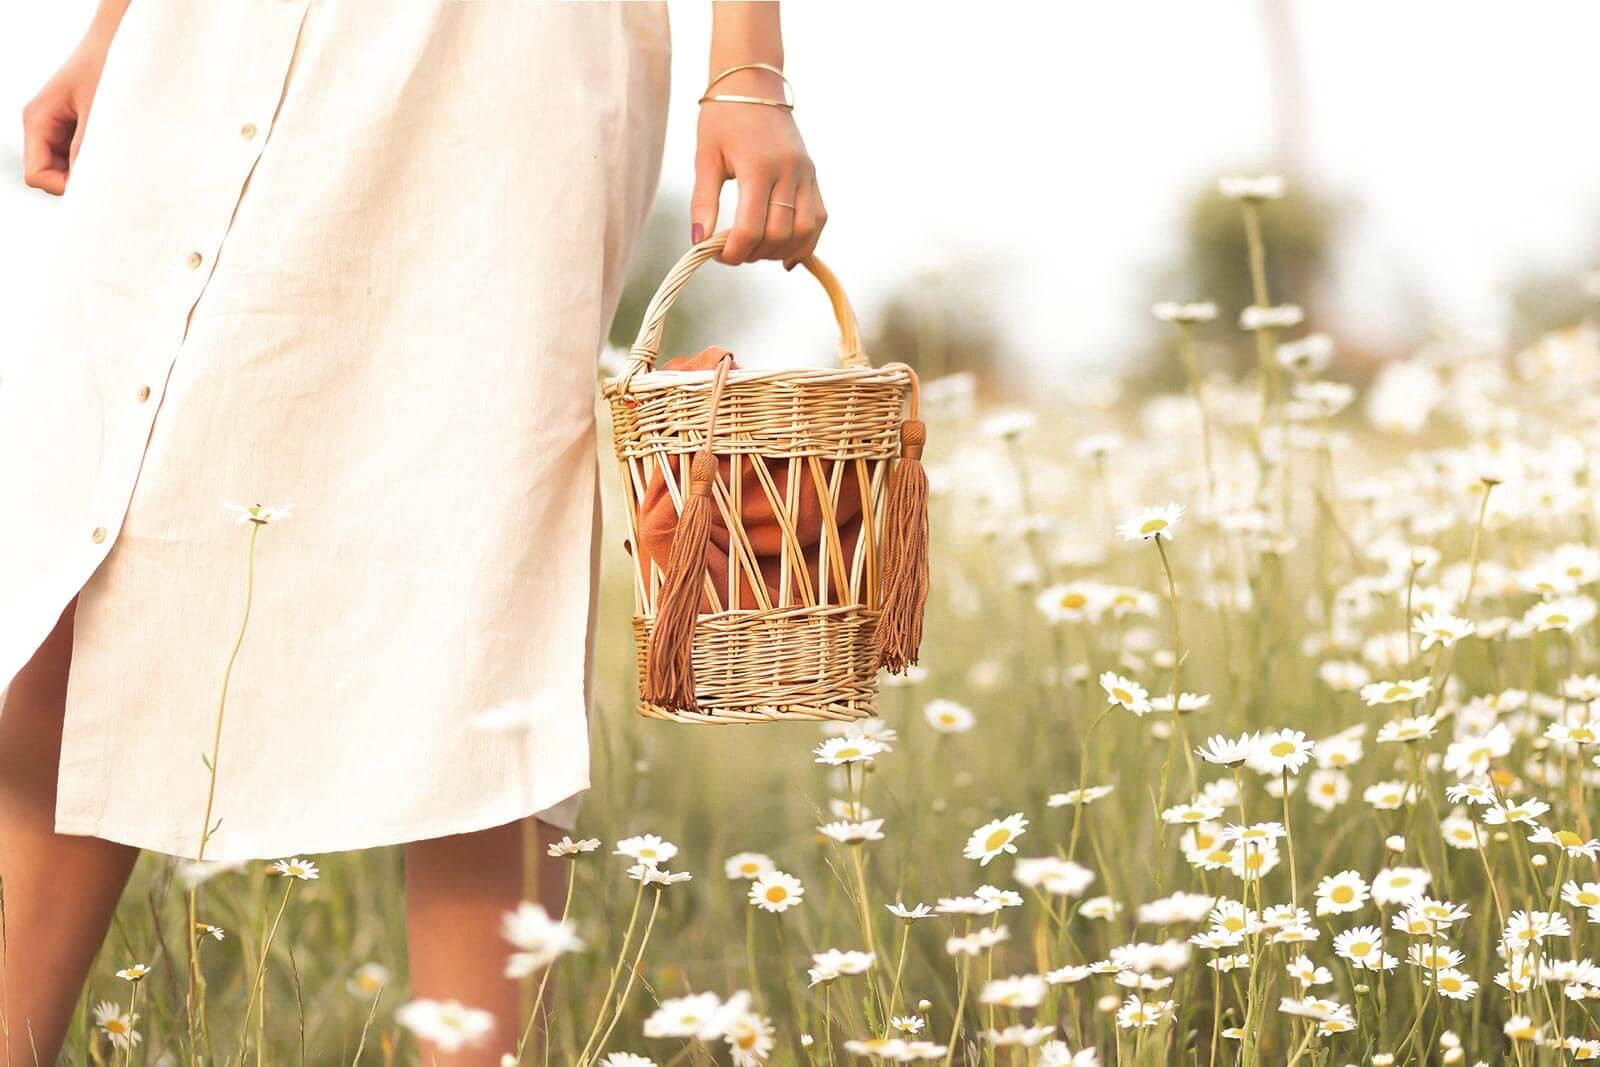 Trend Taschen für den Sommer, Taschen Trends 2020, Taschen aus Naturmaterialien, Korbtaschen, Shoelove by Deichmann